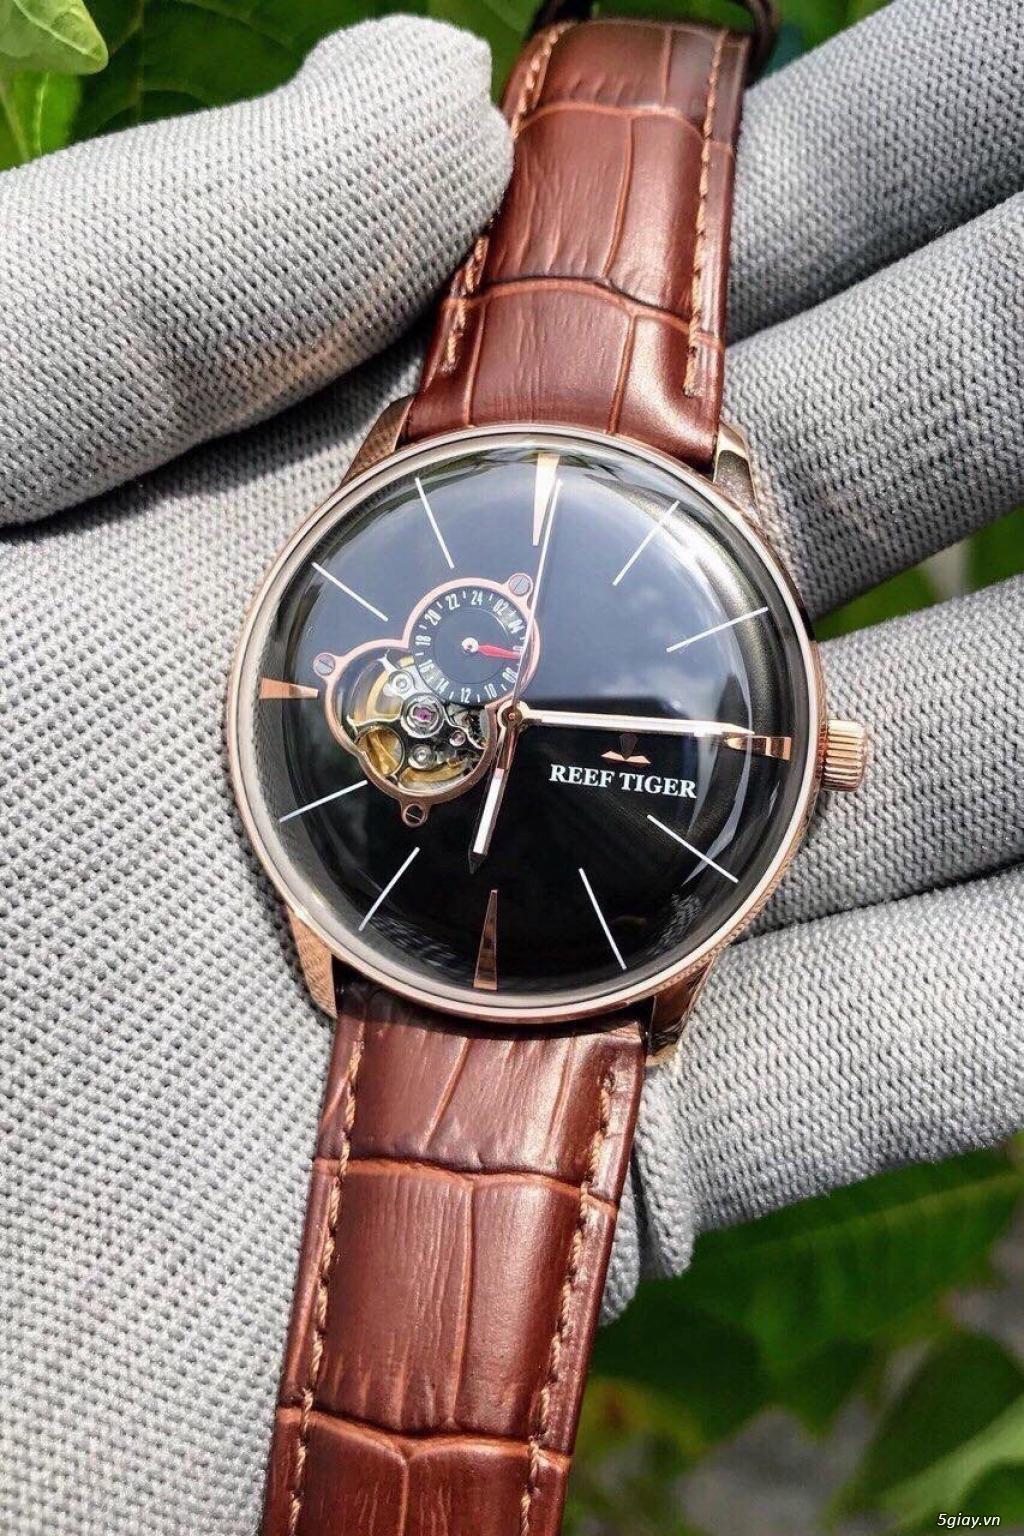 Chuyên đồng hồ xách tay tại biên hoà đồng nai - 1